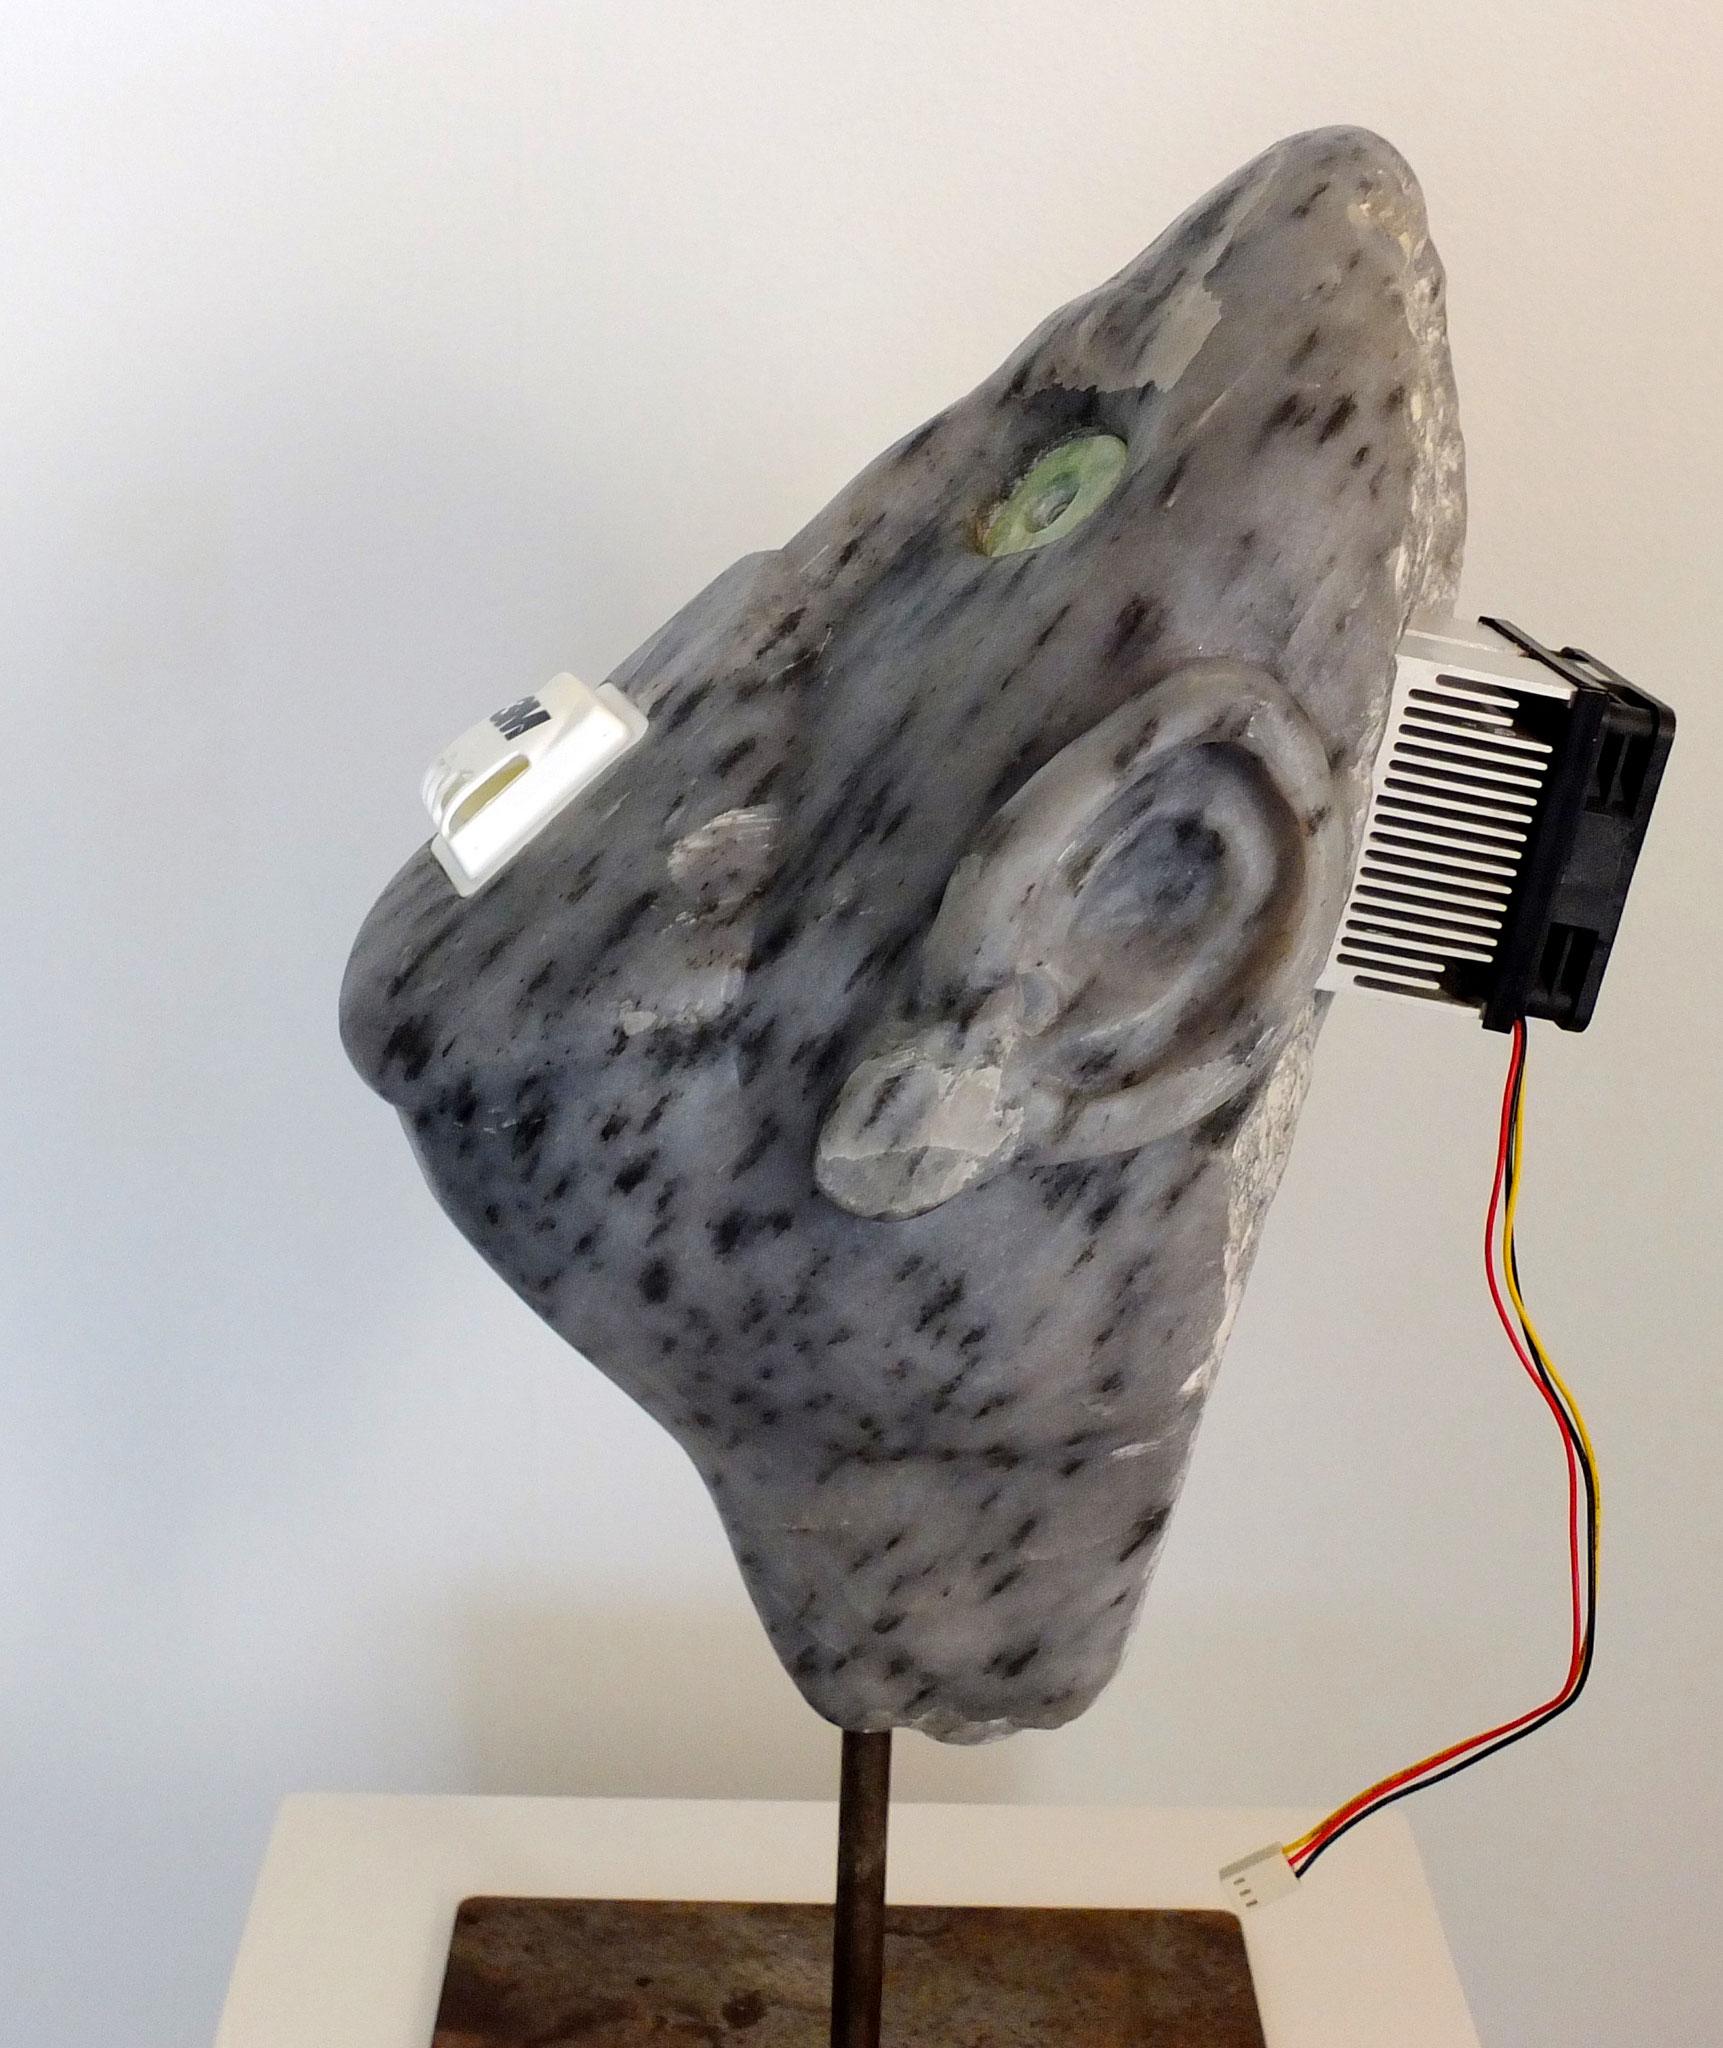 soapstone, e-waste, 3M maskventil